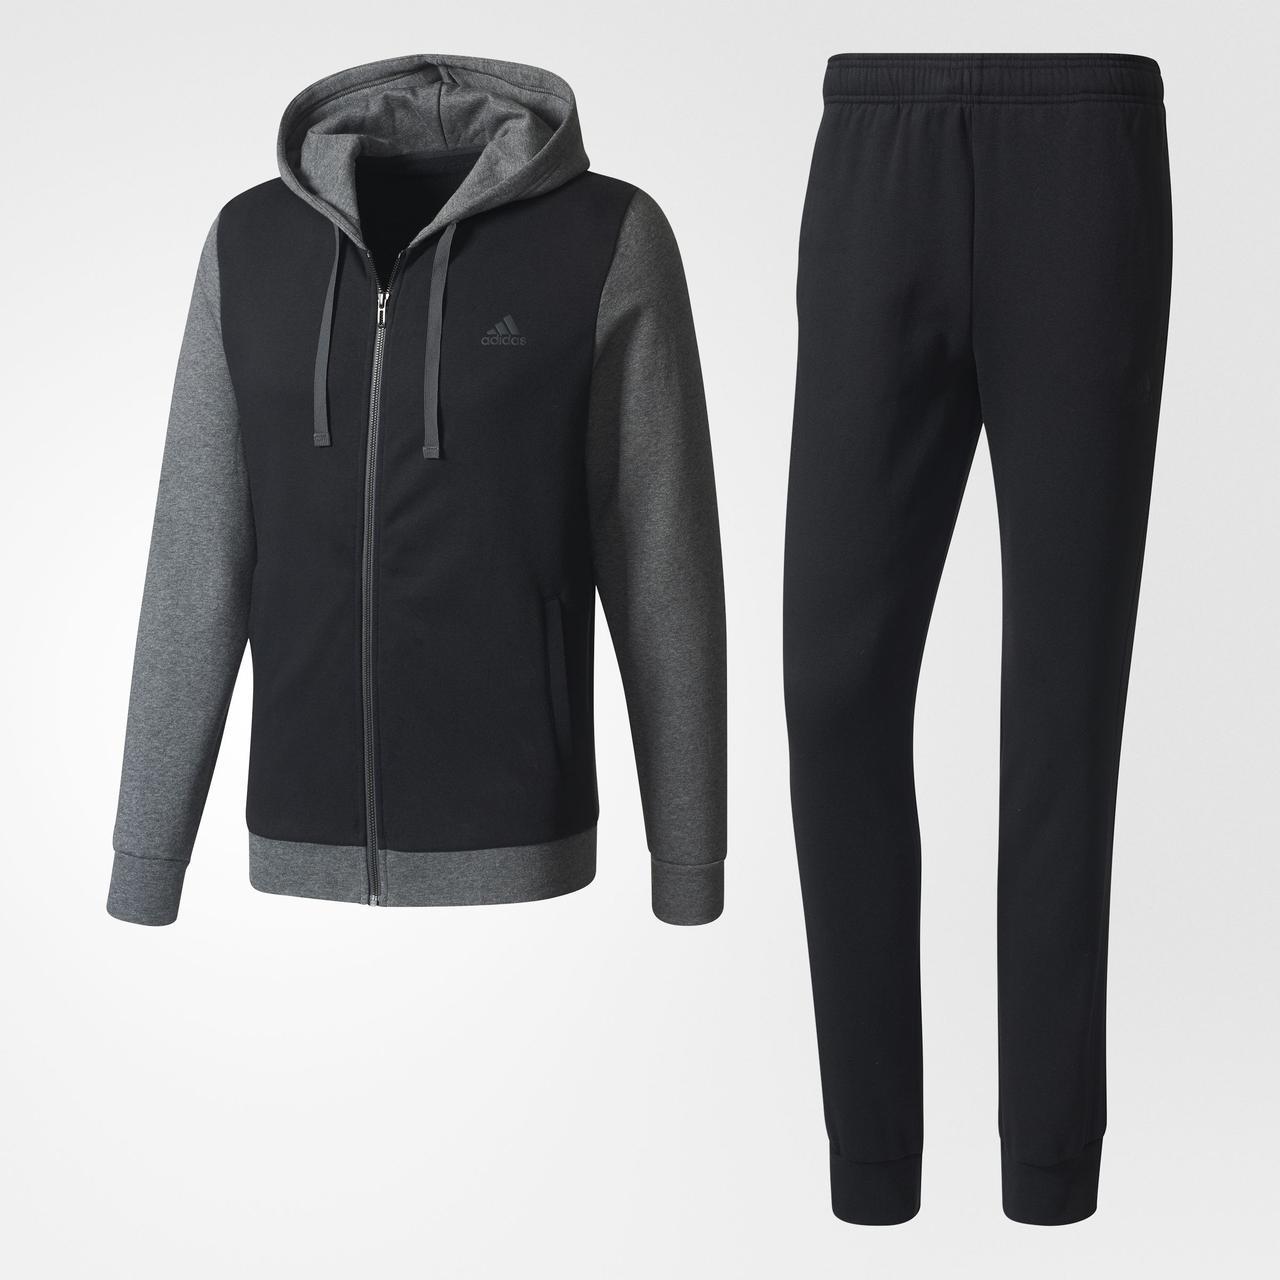 af74704a0531 Мужской спортивный костюм adidas ENERGIZE BQ6974 - Интернет-магазин спортивной  одежды и обуви